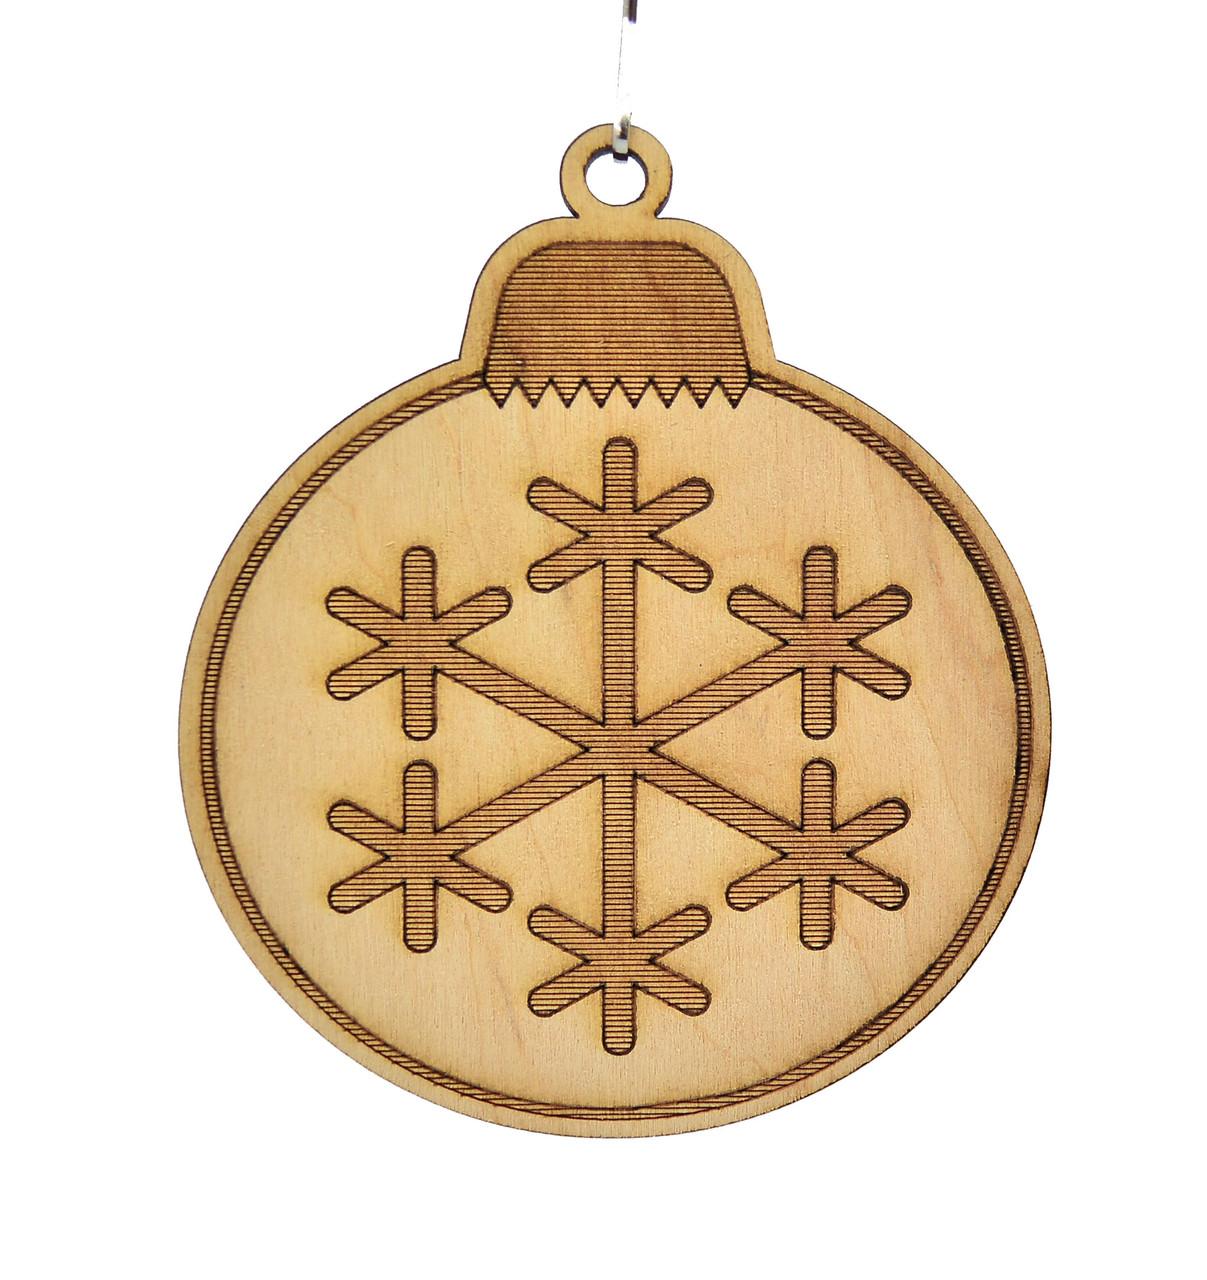 Деревянная новогодняя игрушка заготовка. Игрушка со снежинкой